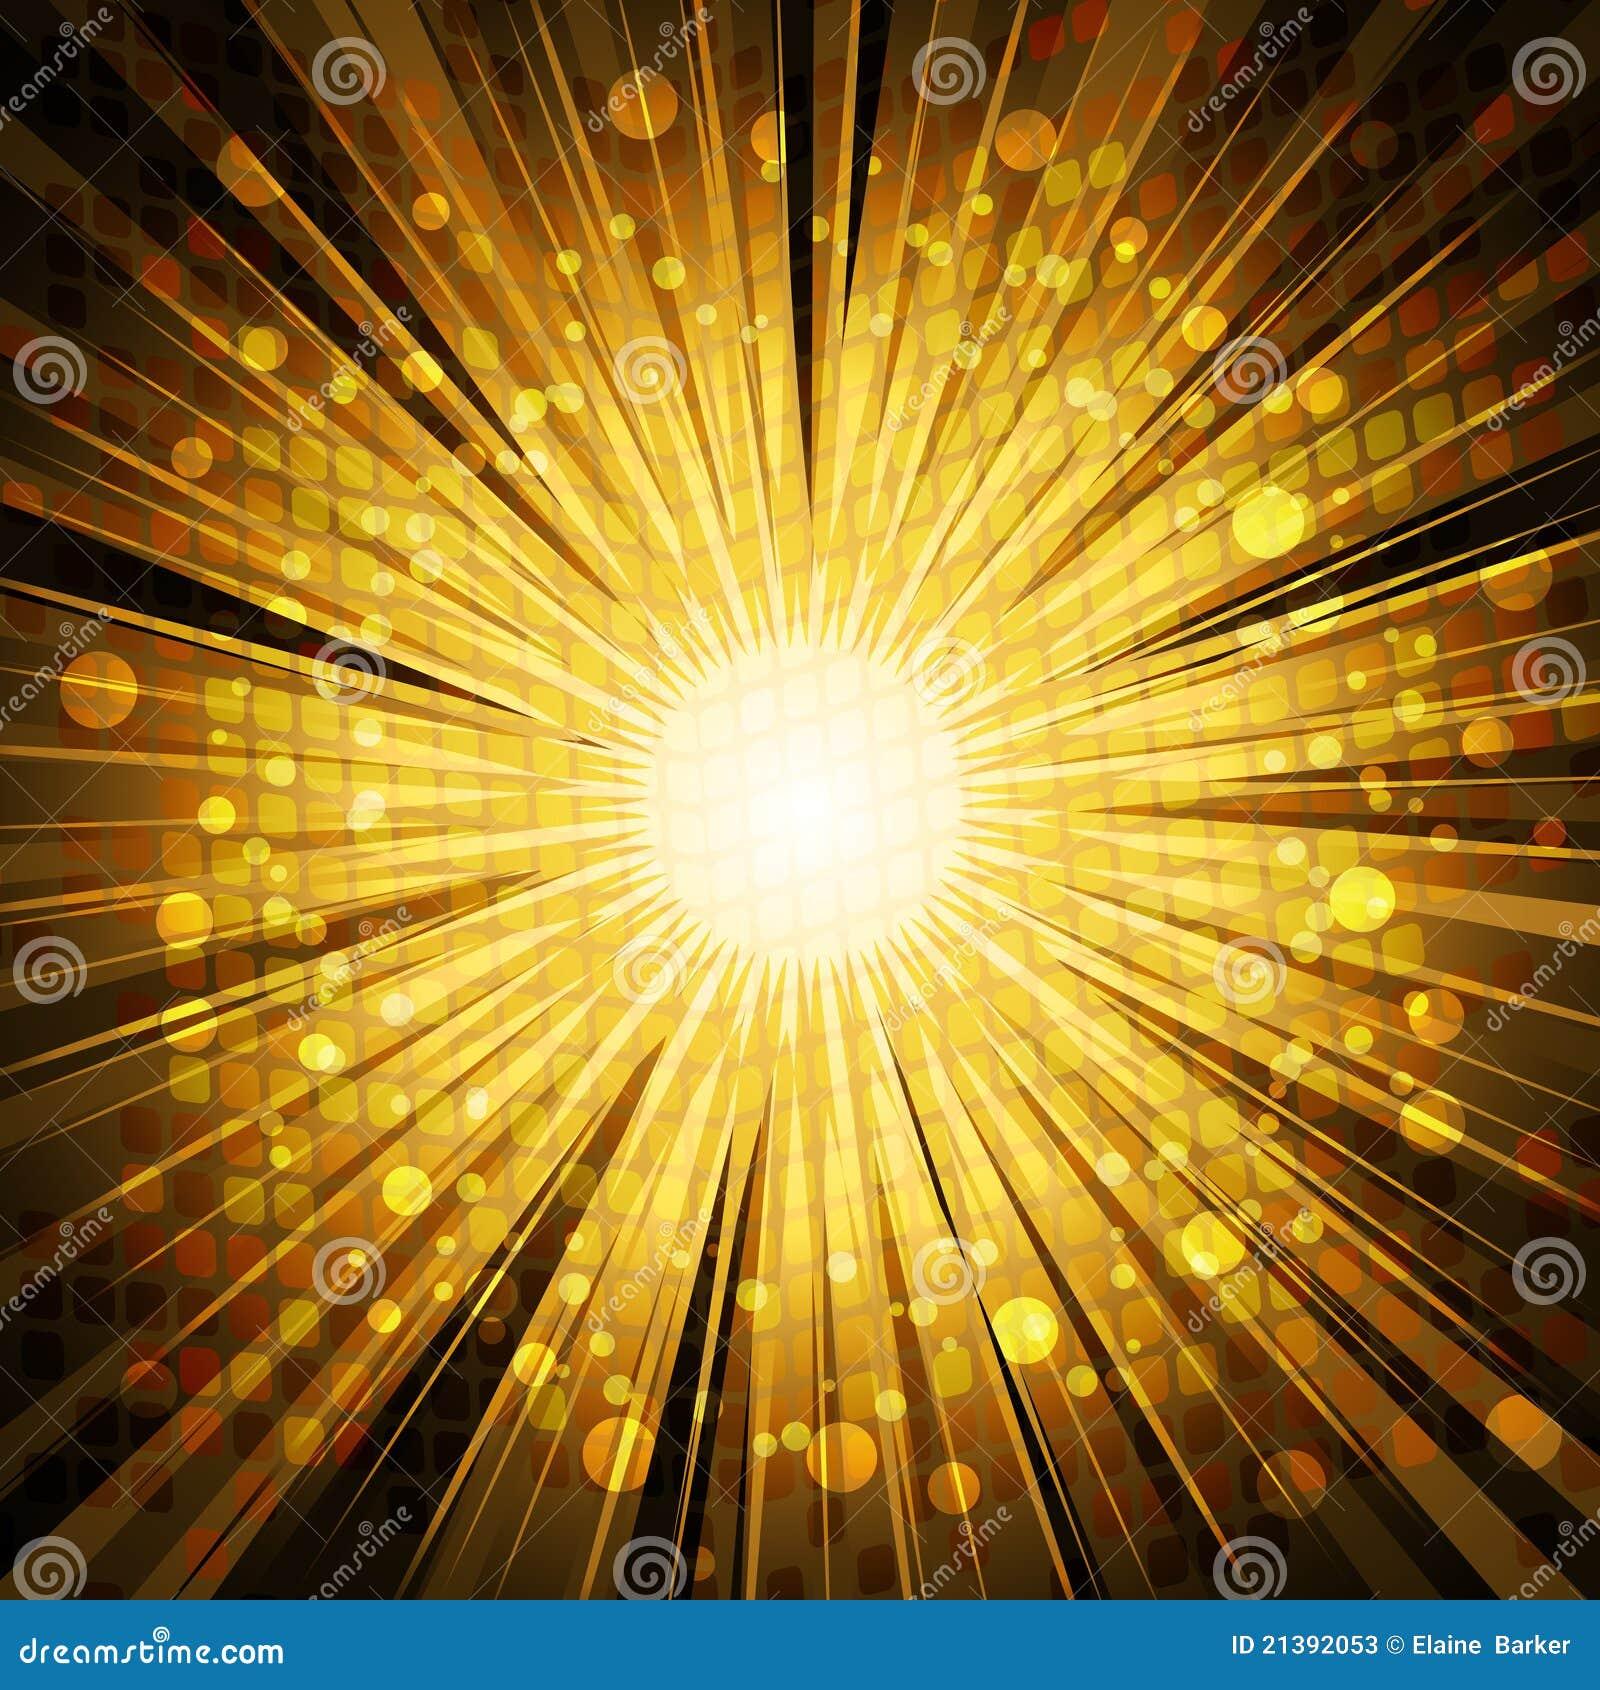 Golden Light Explosion Background Stock Vector ...